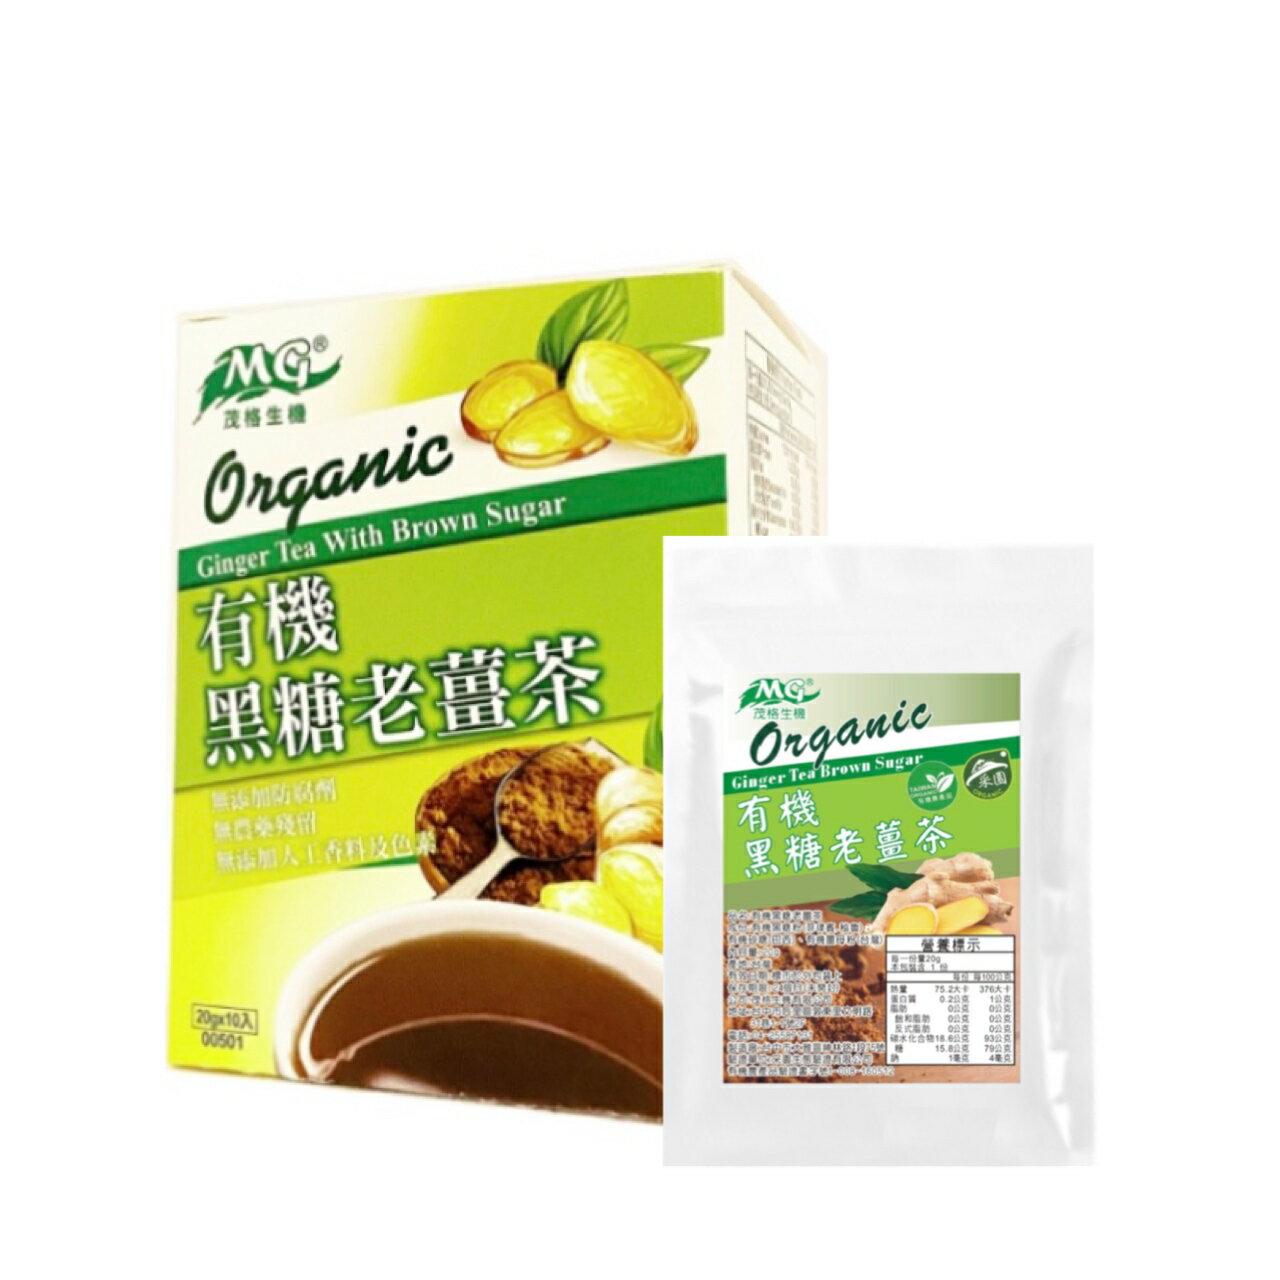 【茂格】有機黑糖老薑茶(20g*8包/盒)